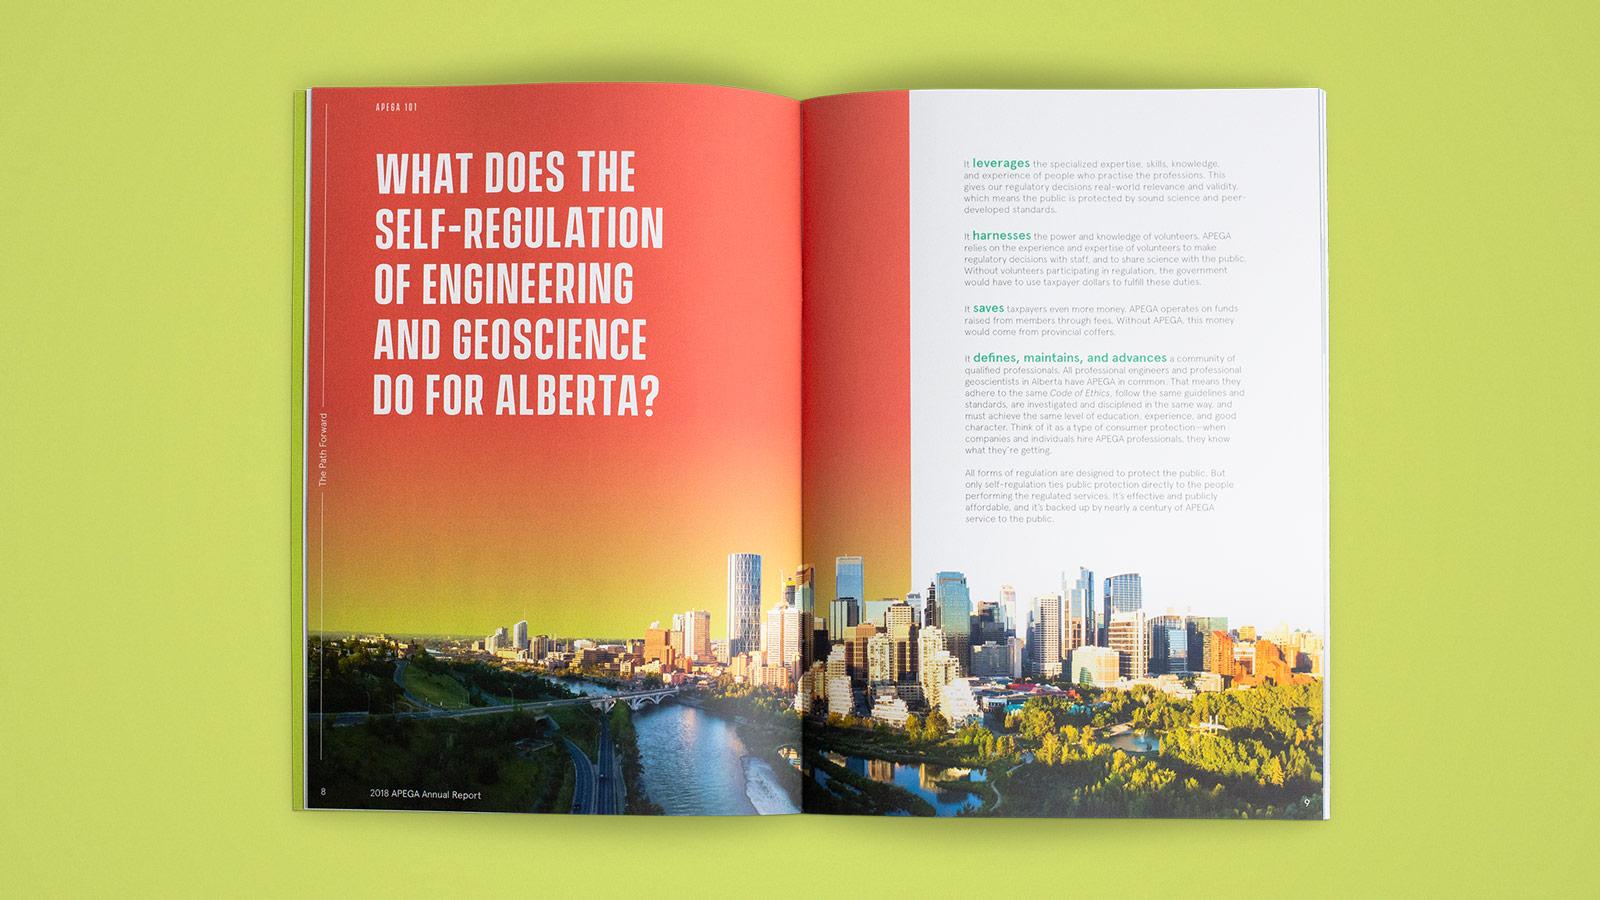 APEGA_annual_report_3.jpg